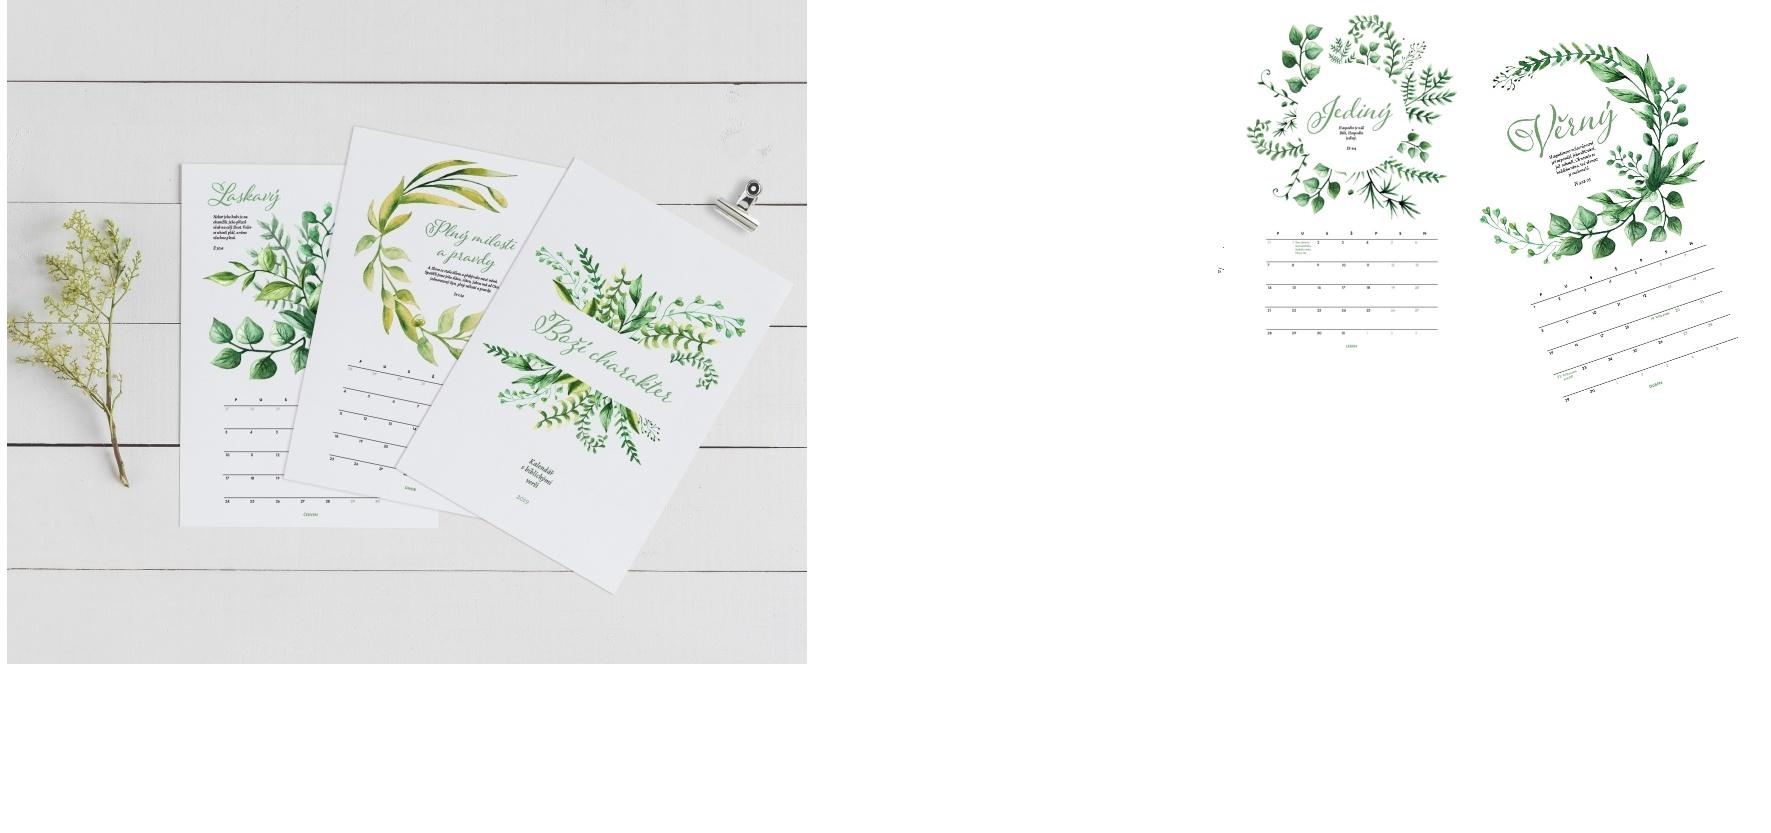 """Vyprávění o Božím charakteru – kalendář s """"duchem"""""""